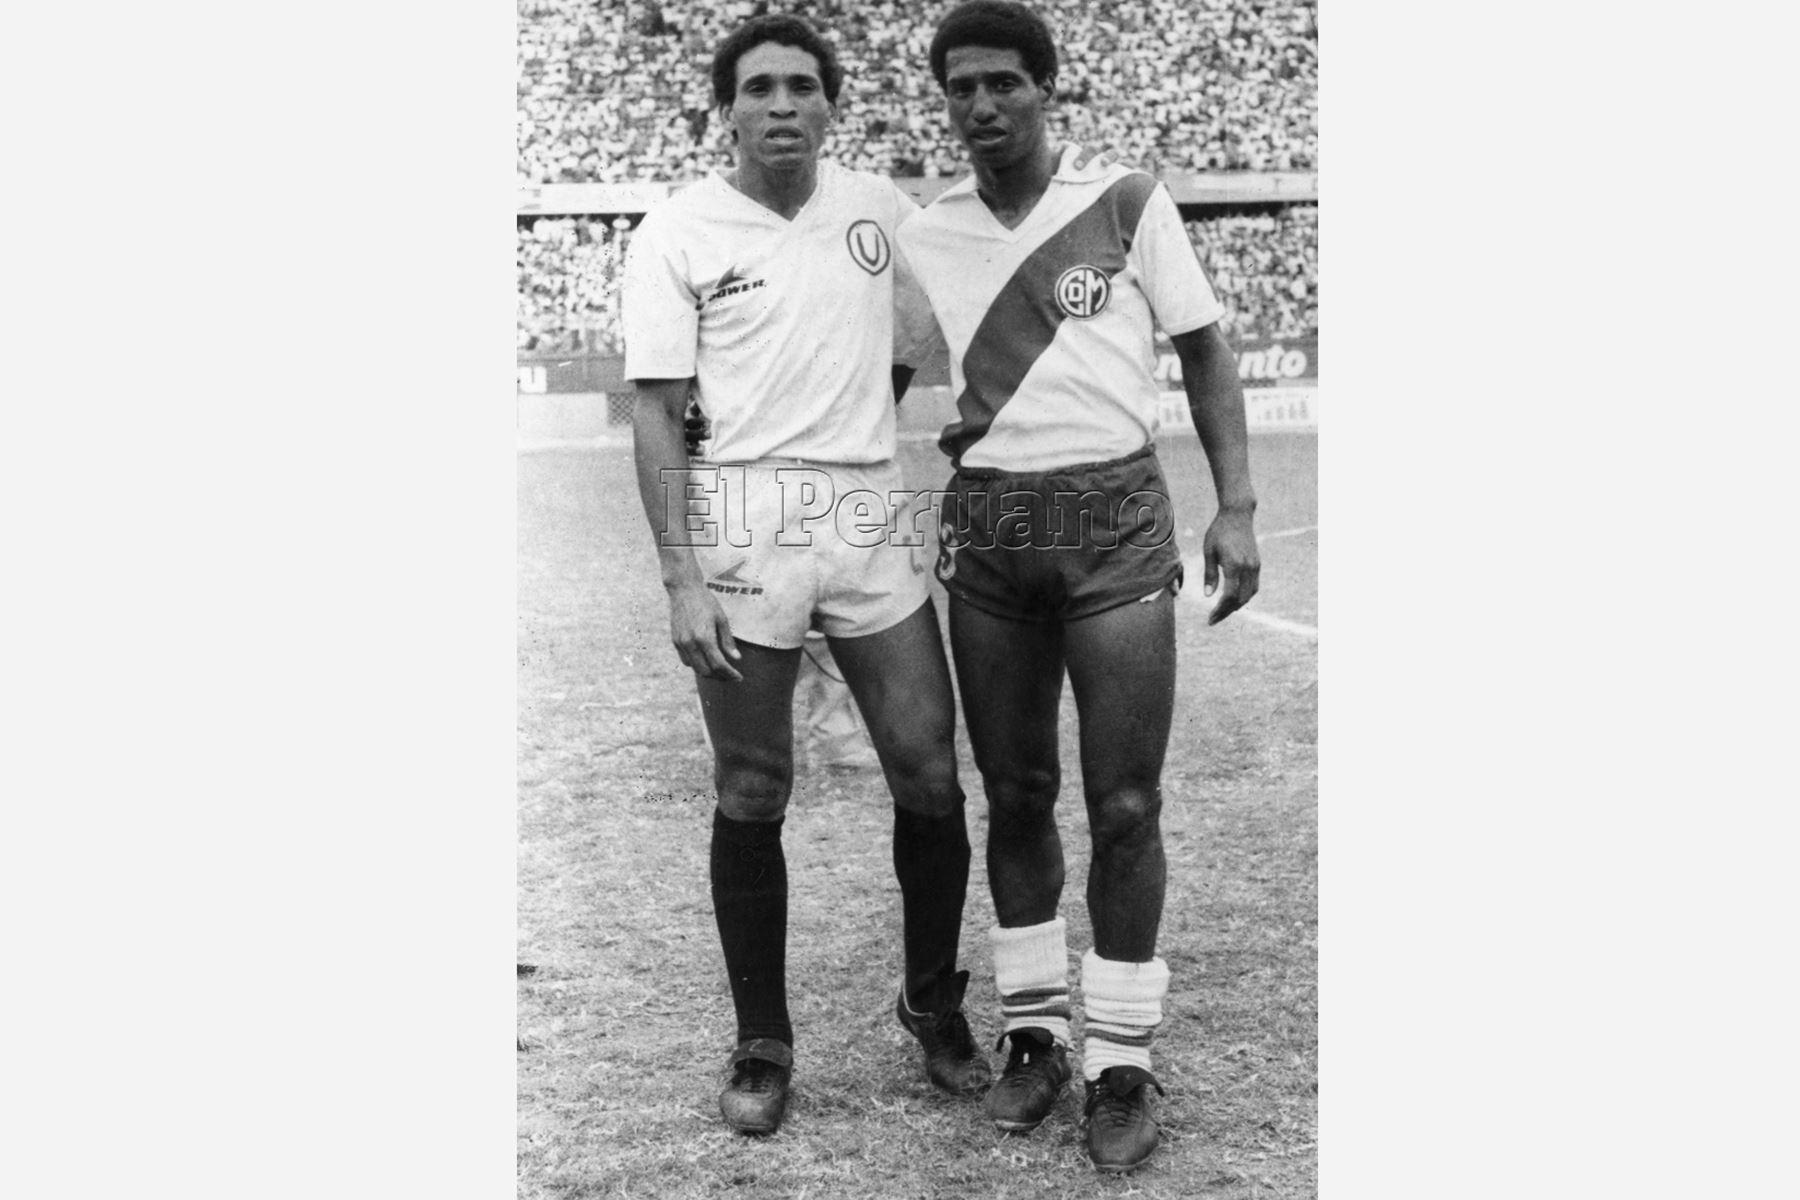 Lima - 31 marzo 1986 / Los hermanos Samuel (iz) y Alberto Eugenio (de), vistiendo respectivamente las casaquillas de la U y Deportivo Municipal. Foto: Archivo diario El Peruano